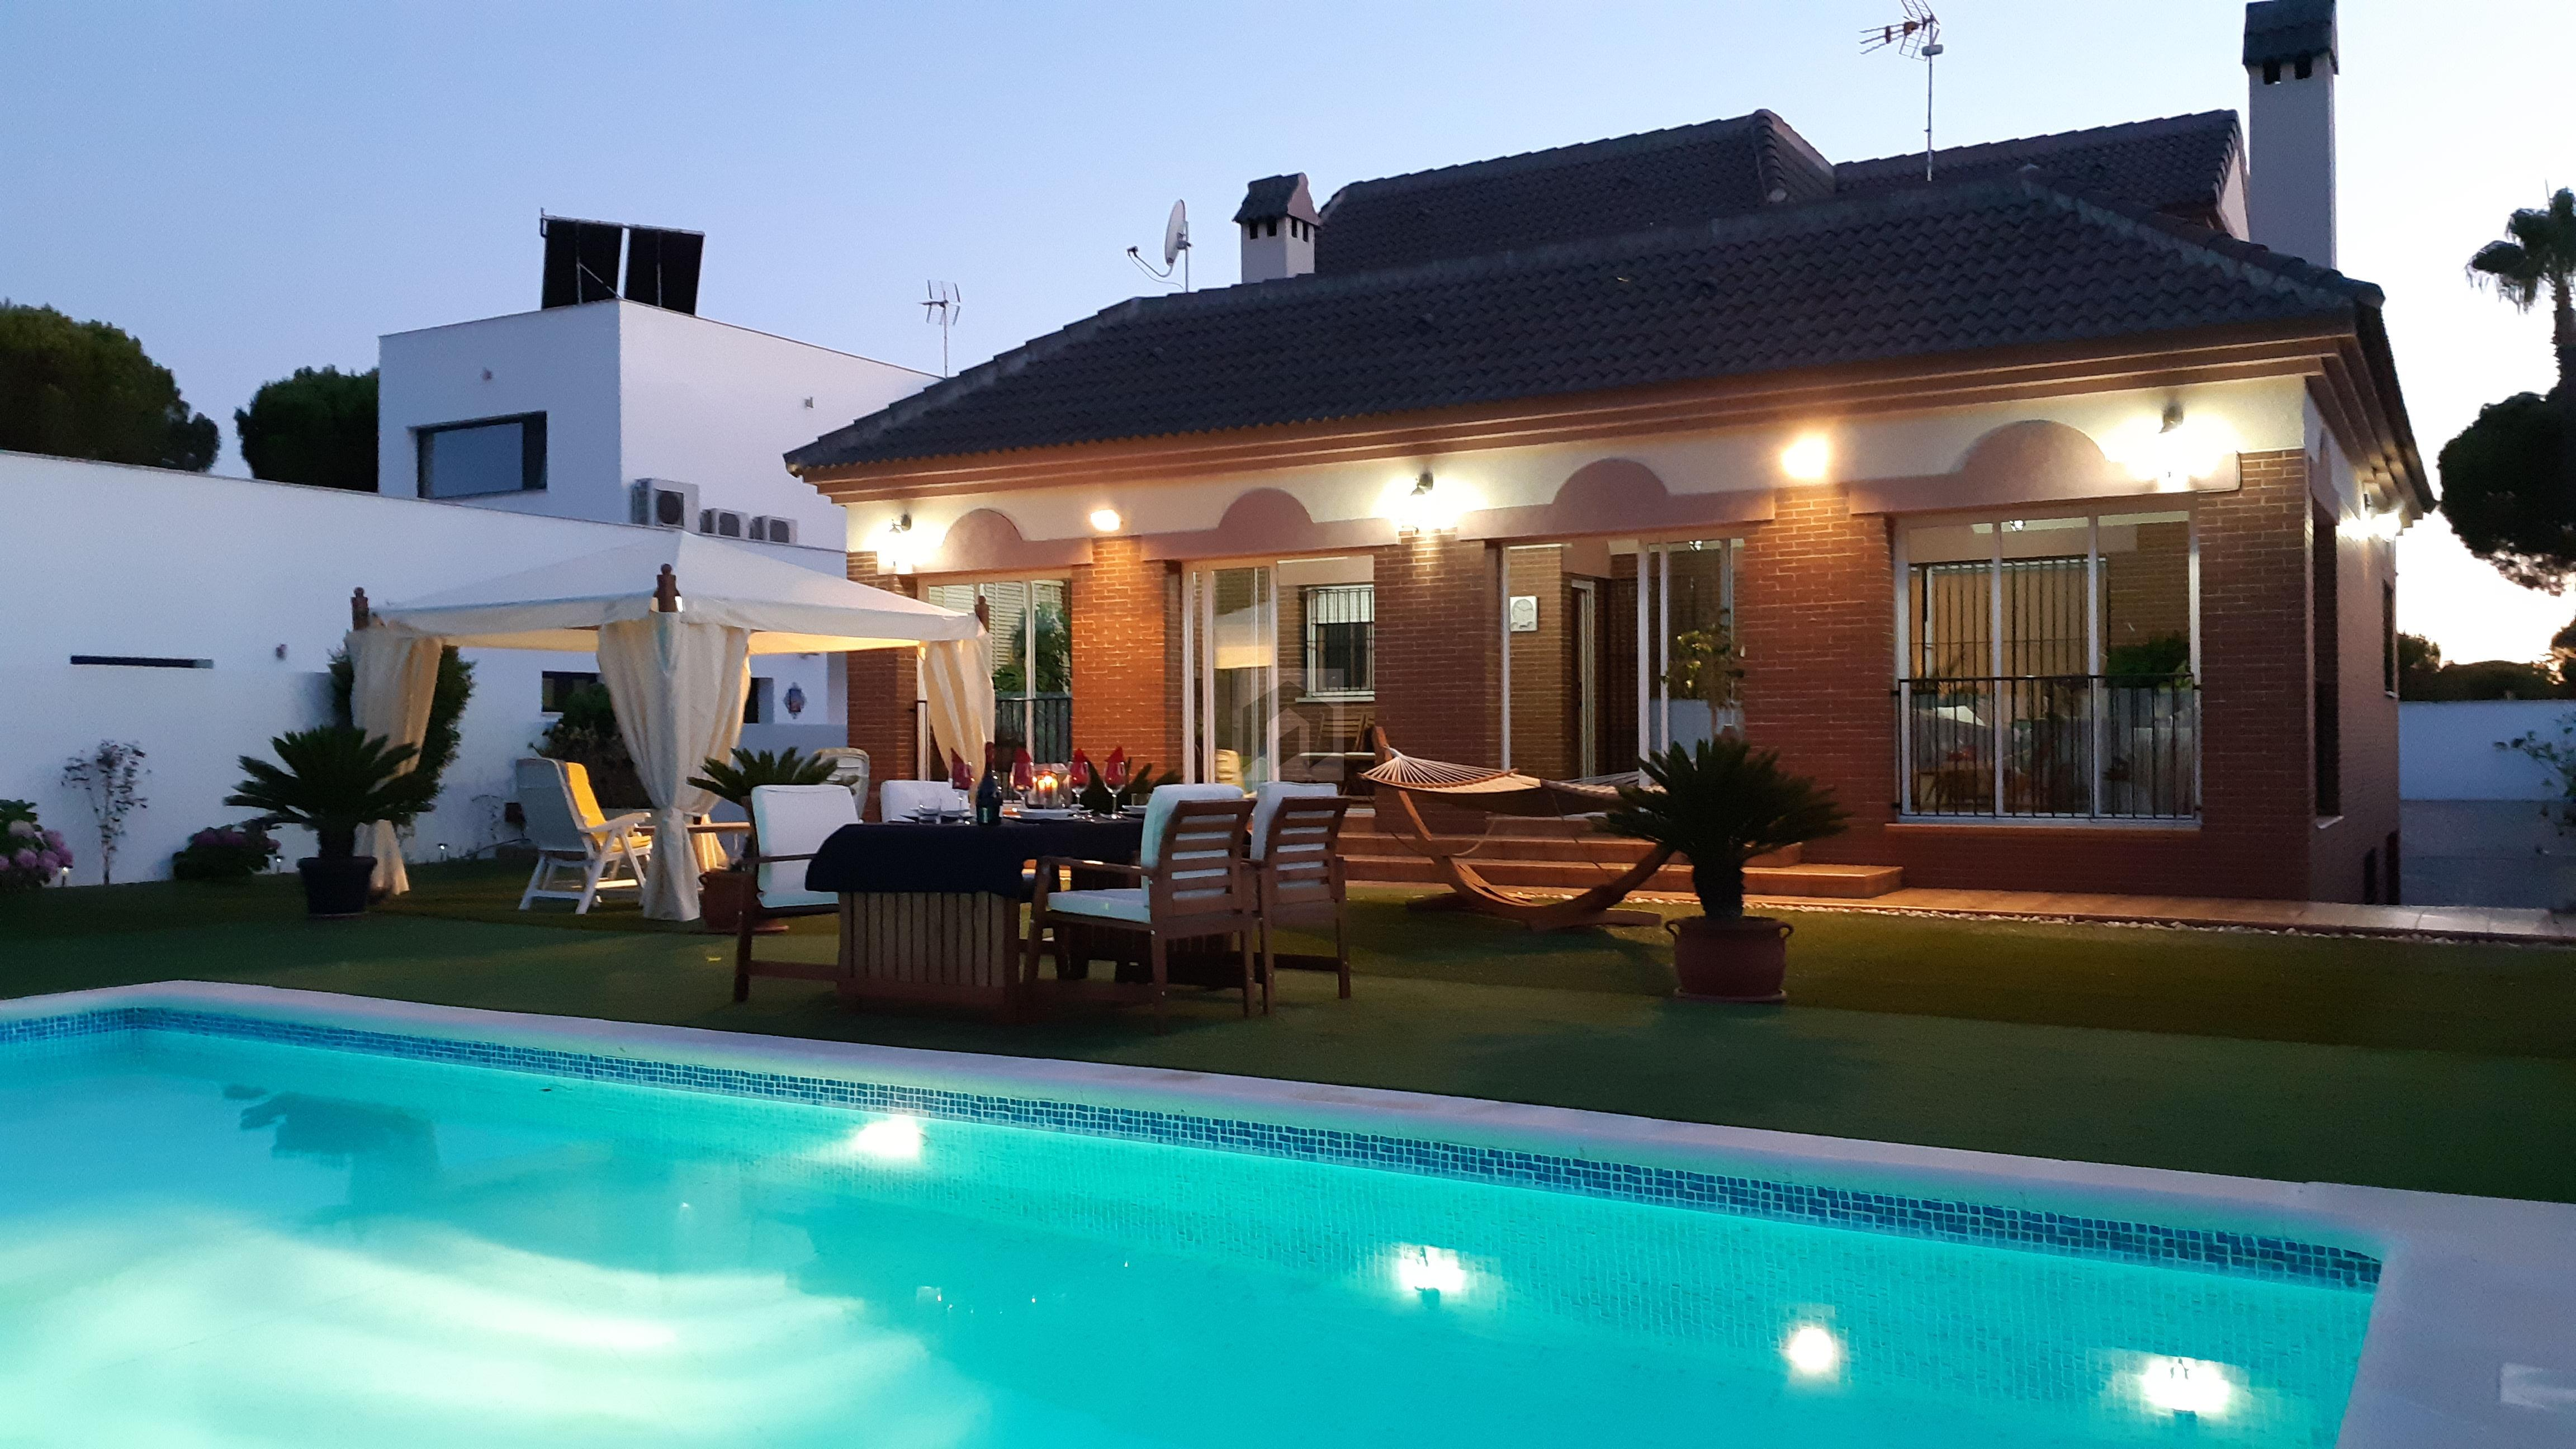 Exclusivo Chalet Independiente con piscina en La Monacilla